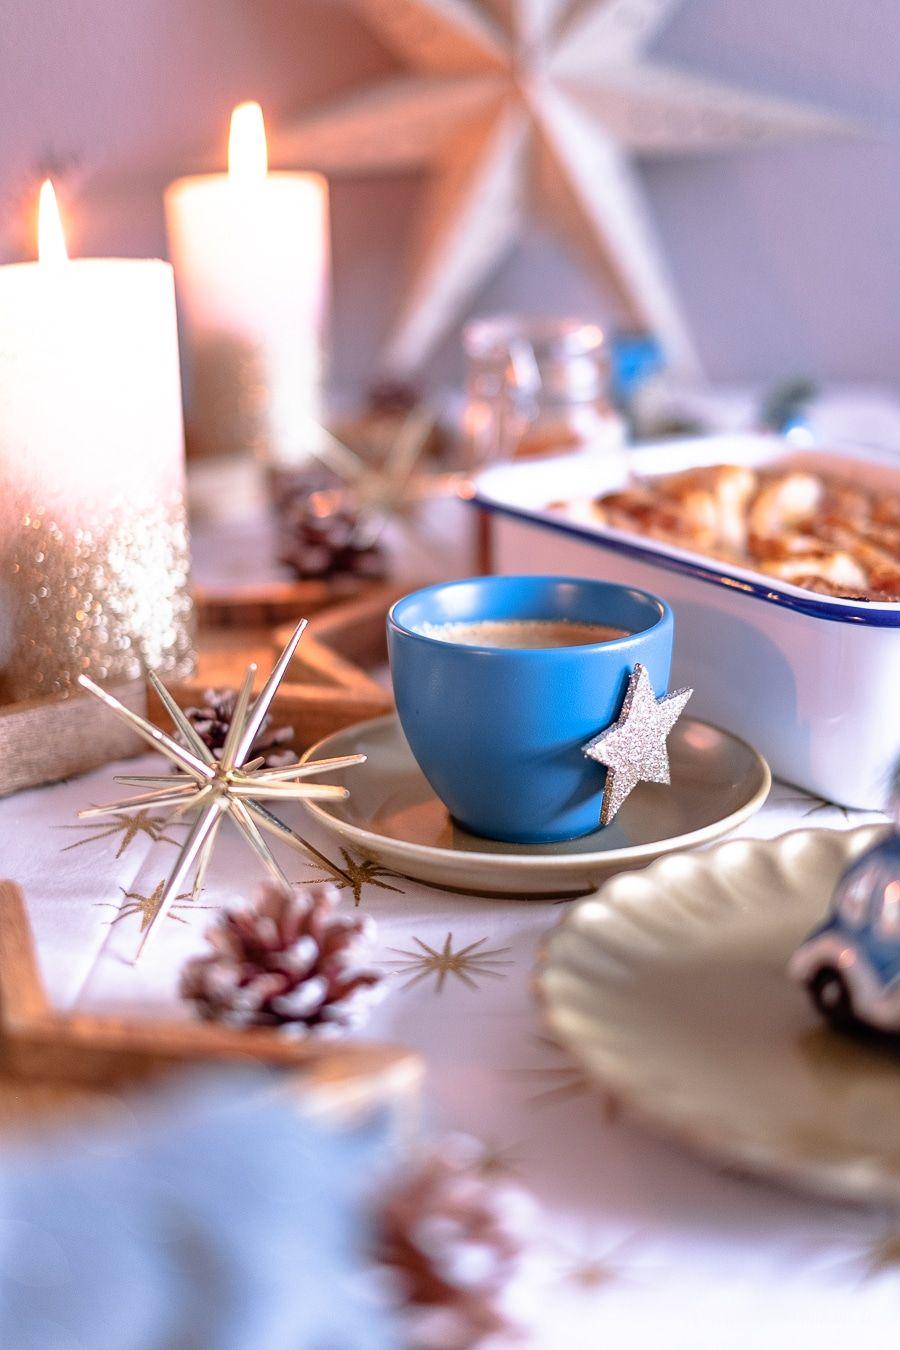 Ein süßes Faltenbrot und ein weihnachtliches DIY für eine festliche Kaffeetafel mit EILLES KAFFEE!